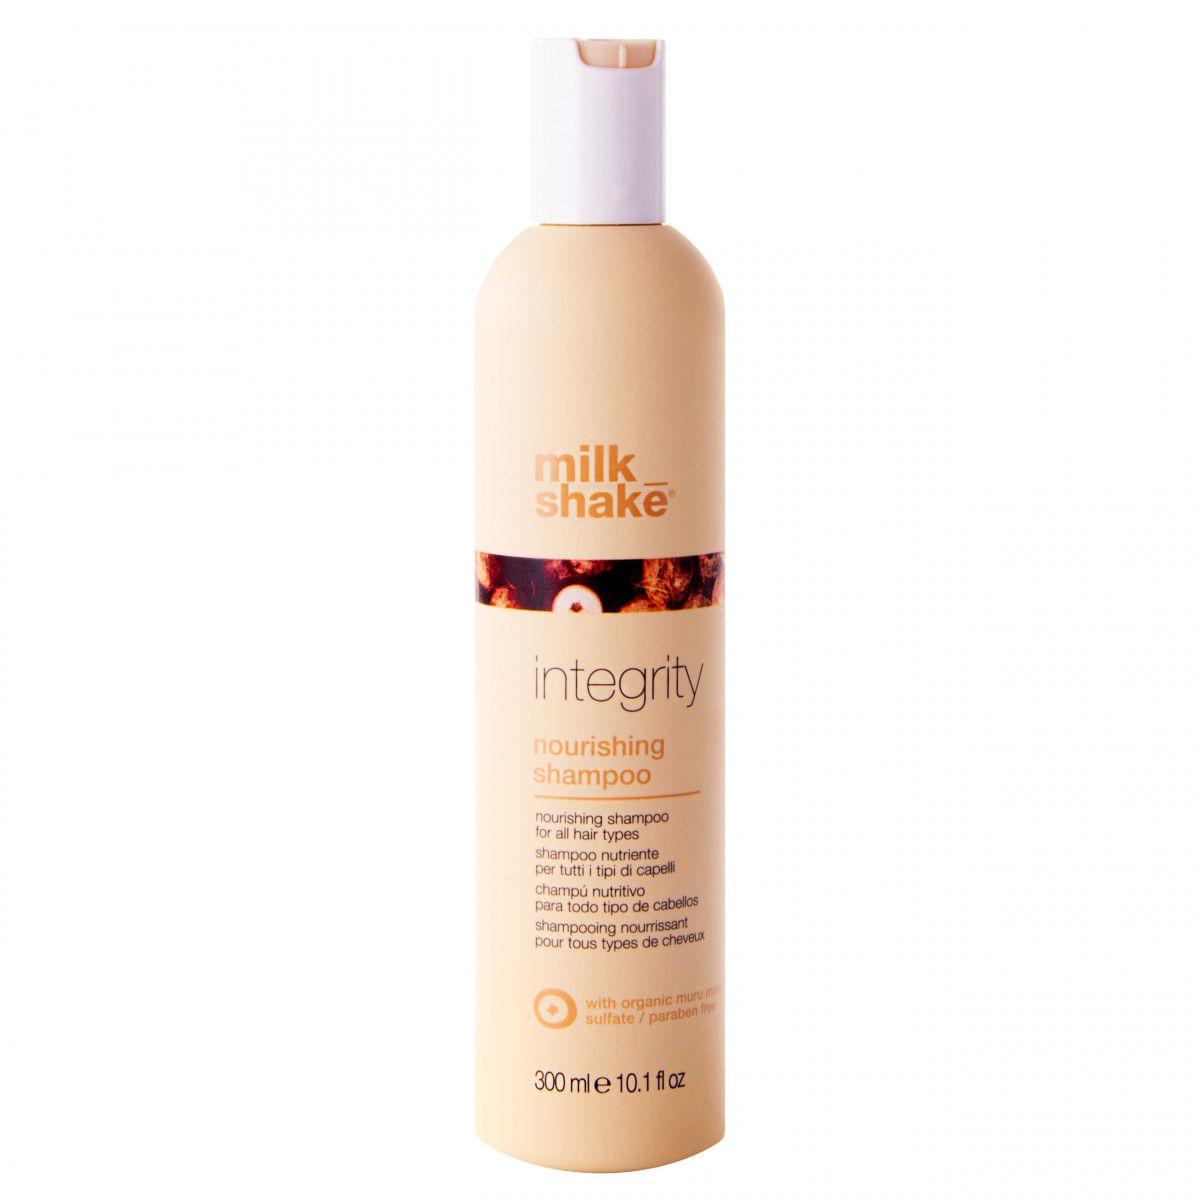 Milk Shake Integrity Nourish Shampoo Odżywczy szampon do włosów 300 ml